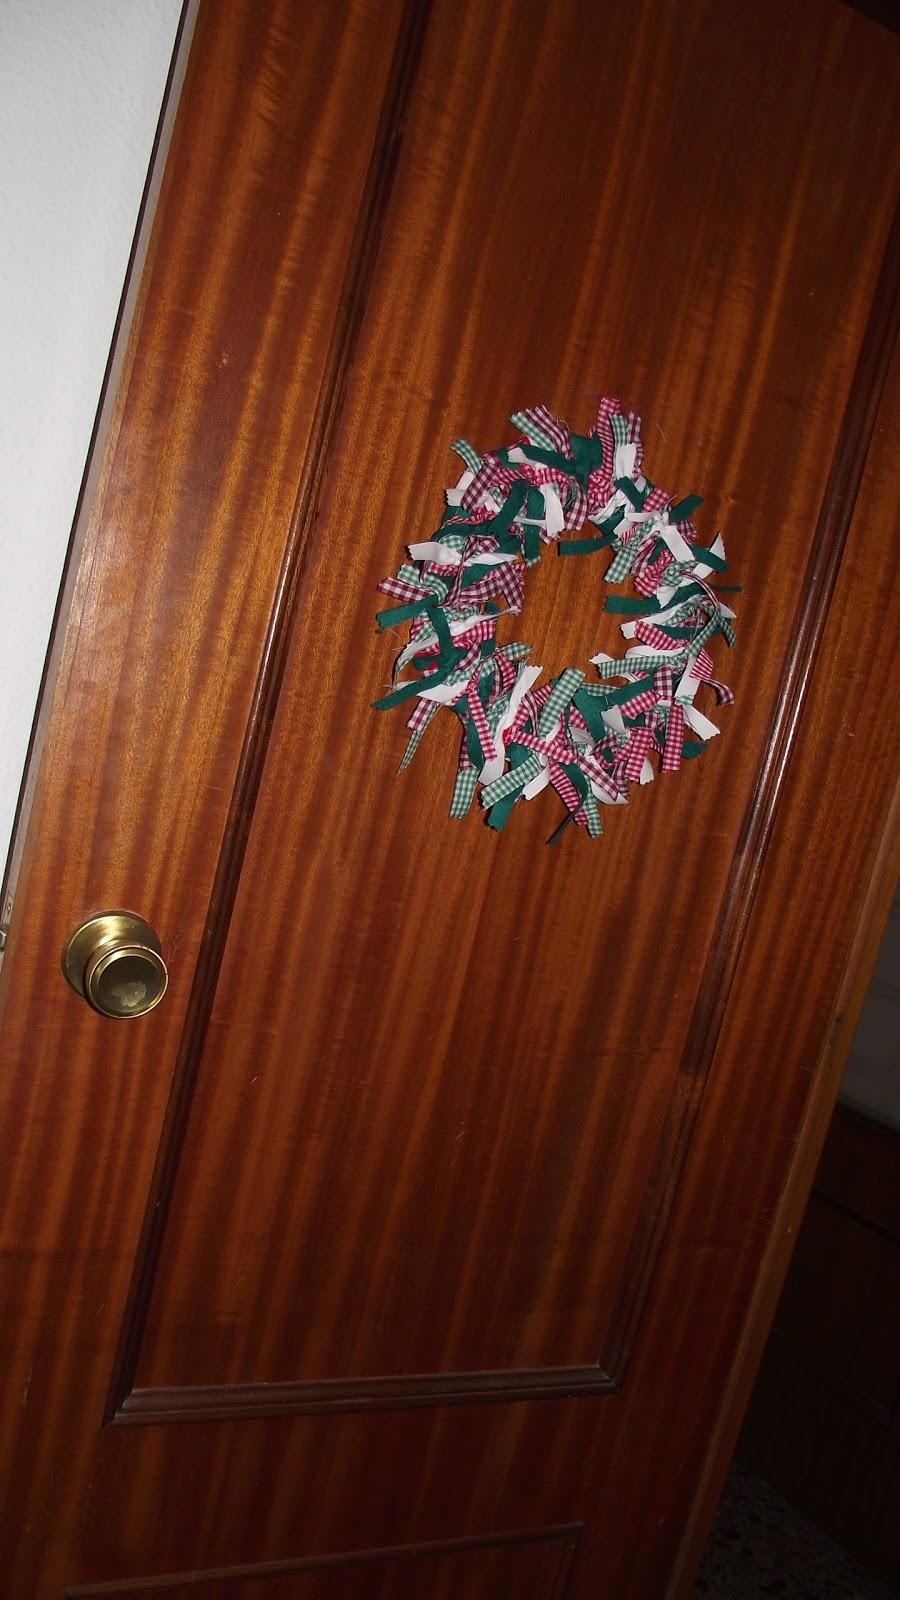 Ser perfecta cada d a decoracion navide a for Decoracion 31 de diciembre